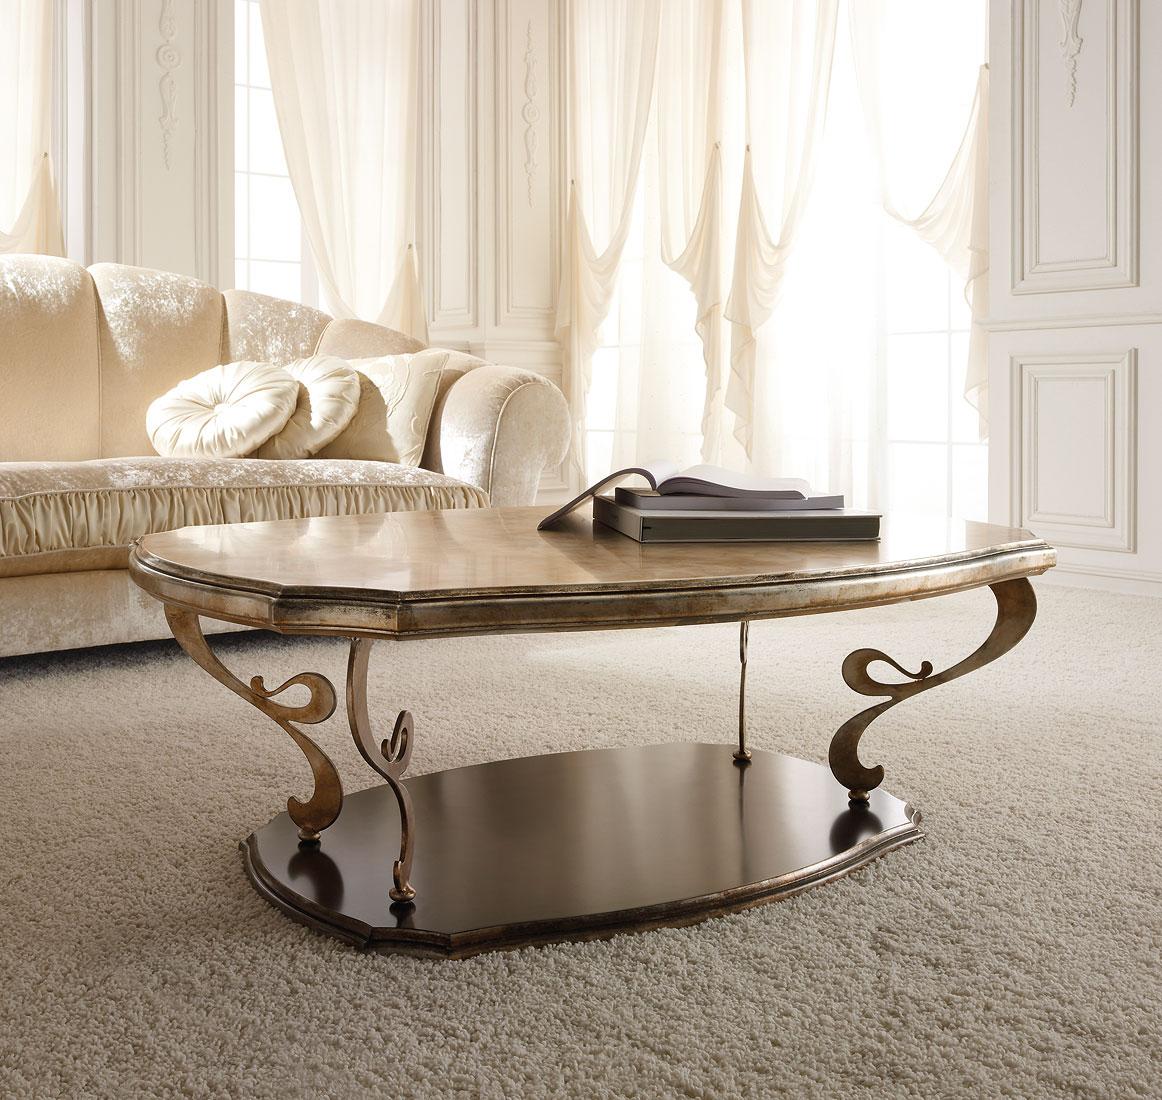 Tavoli e tavolini classici per soggiorni classici, arredamento giorno classic...